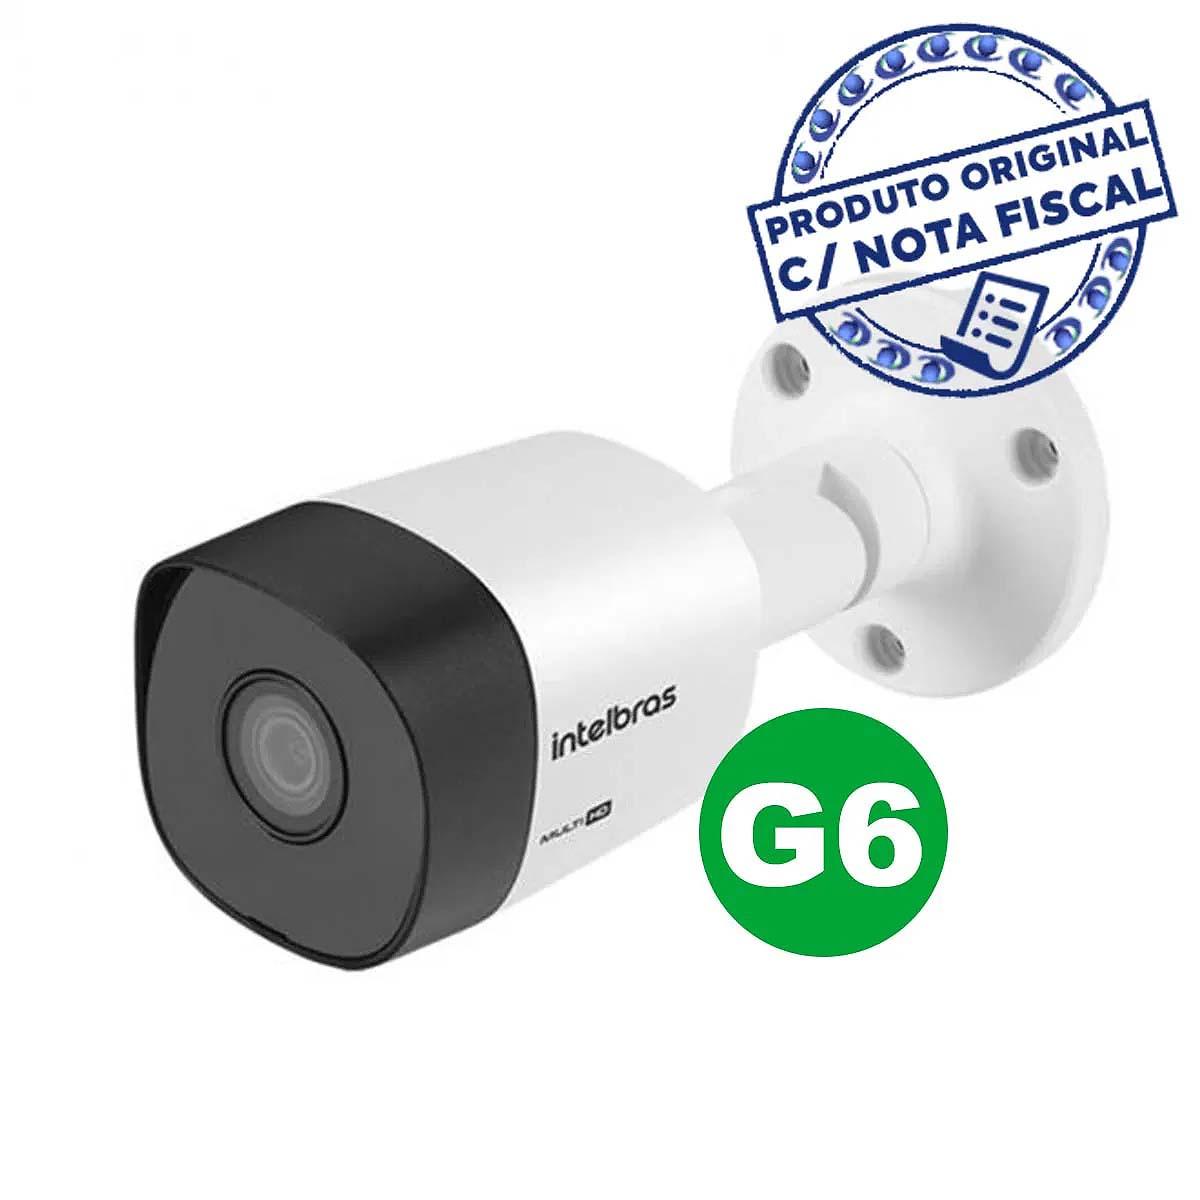 Kit CFTV 16 câmeras Vhd 3120 B  G6 + DVR 1116 C/ HD 3TB + Cabo de Brinde